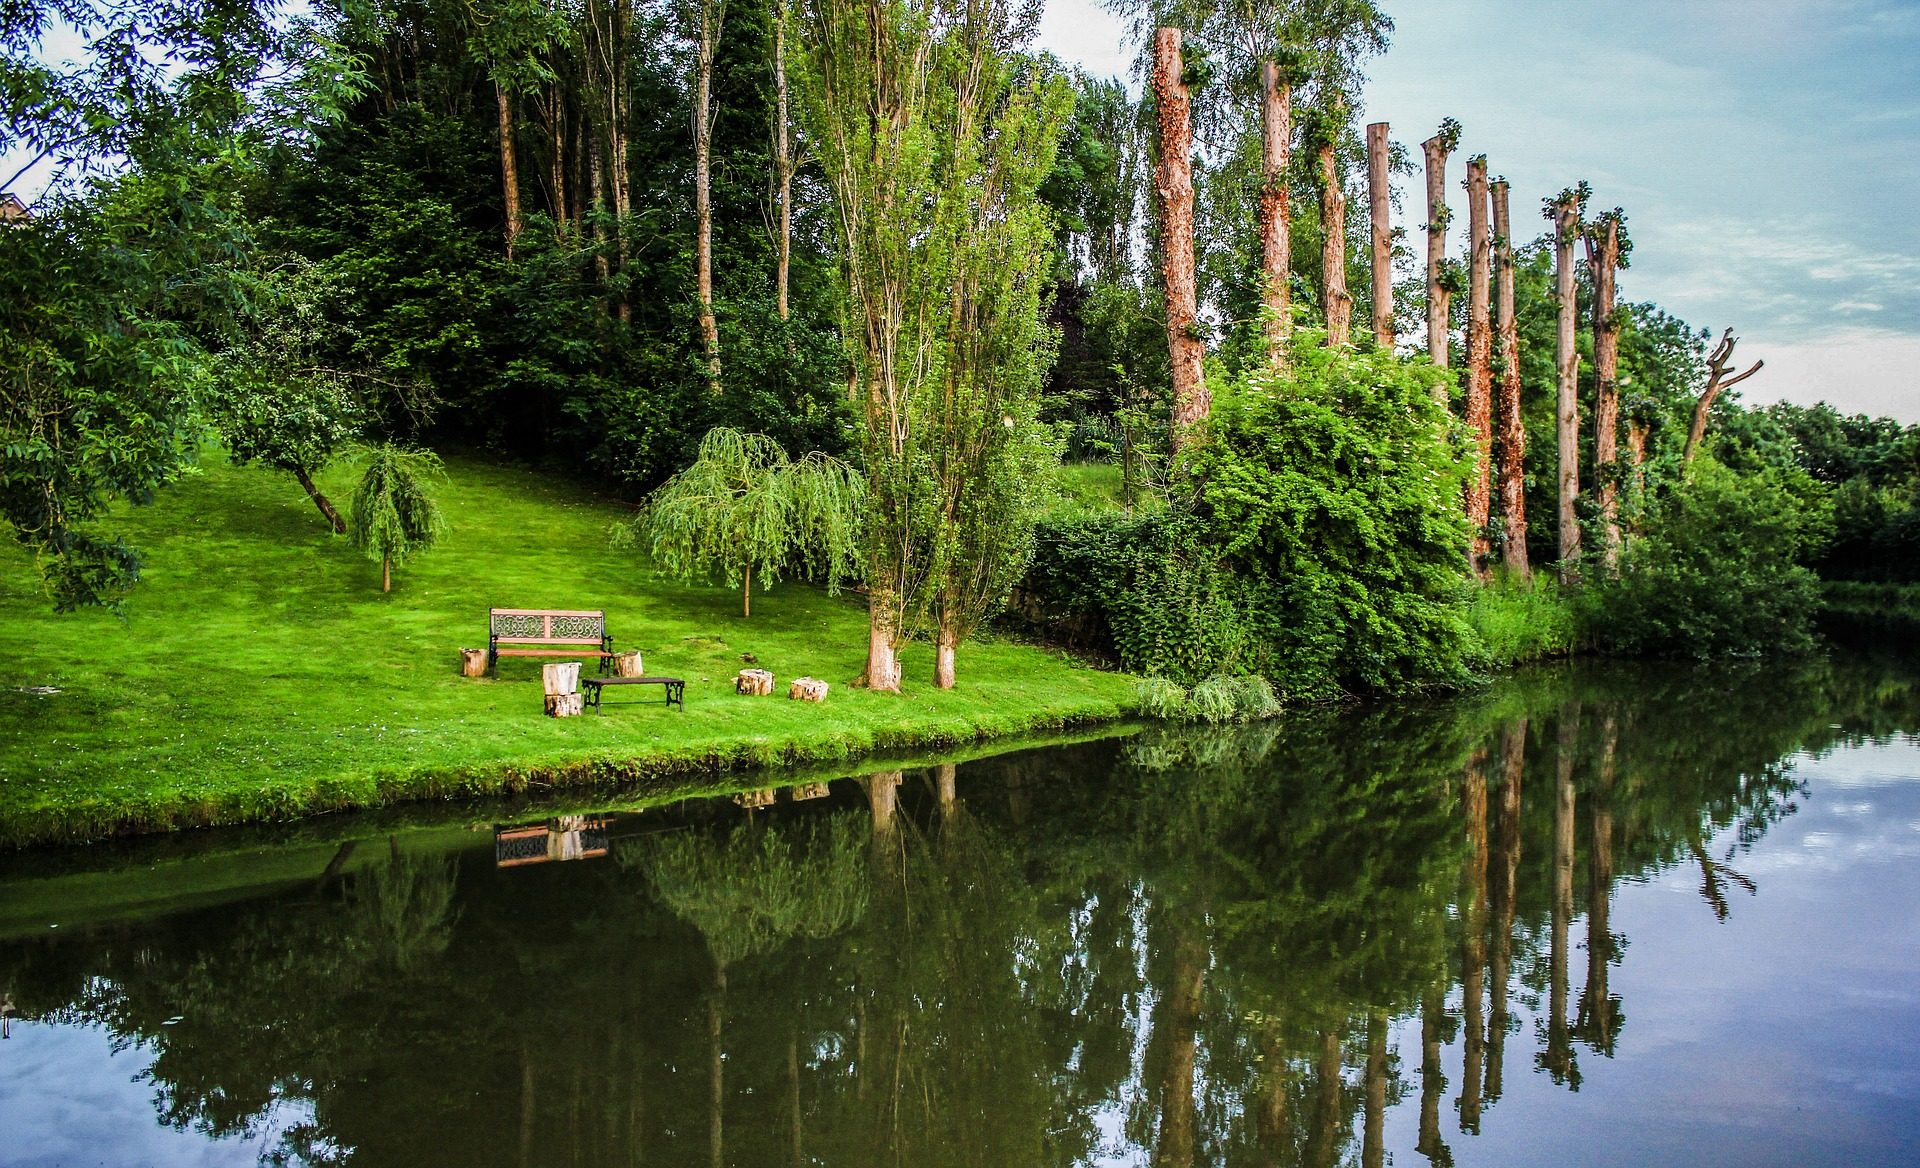 座位, 湖, 森林, 反思, 树木, 水, 放松 - 高清壁纸 - 教授-falken.com